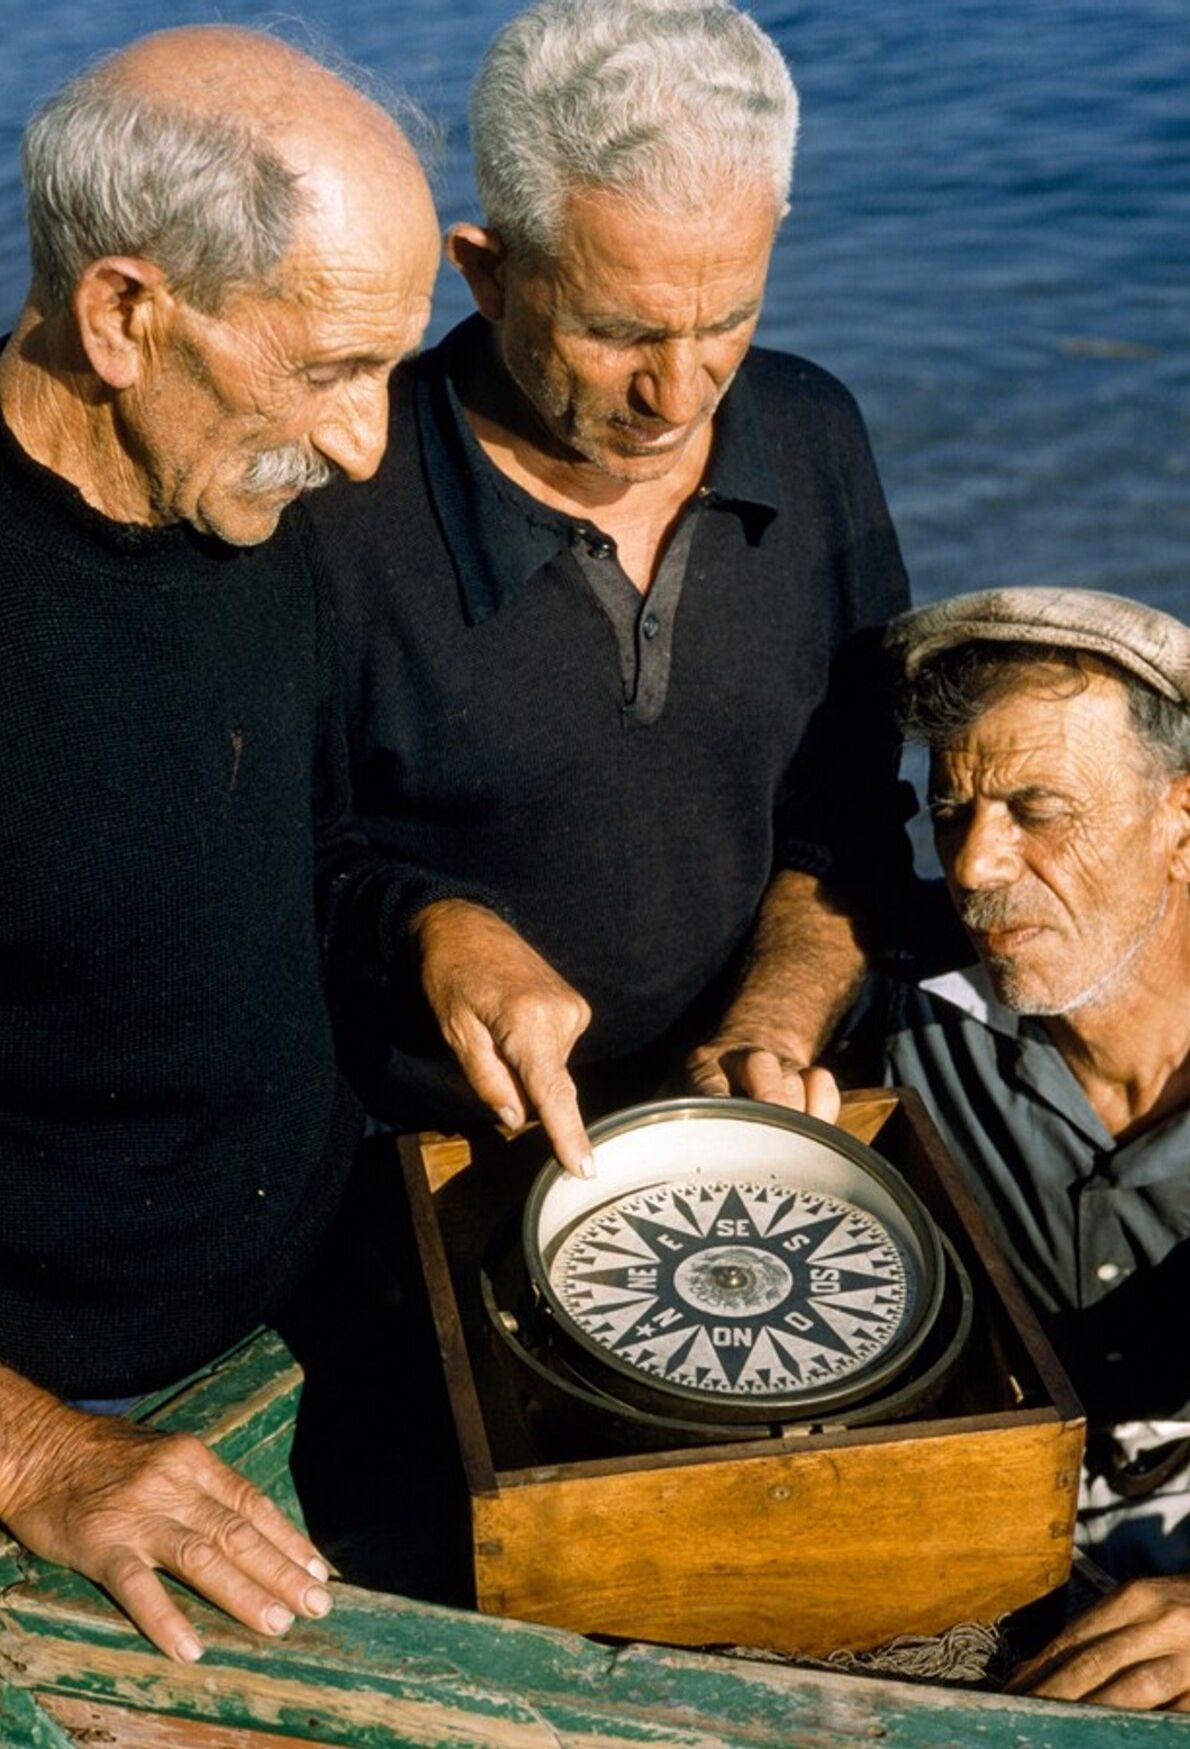 Drei Fischer betrachten einen antiquierten Marine-Kompass vor der Amalfiküste, 1959.